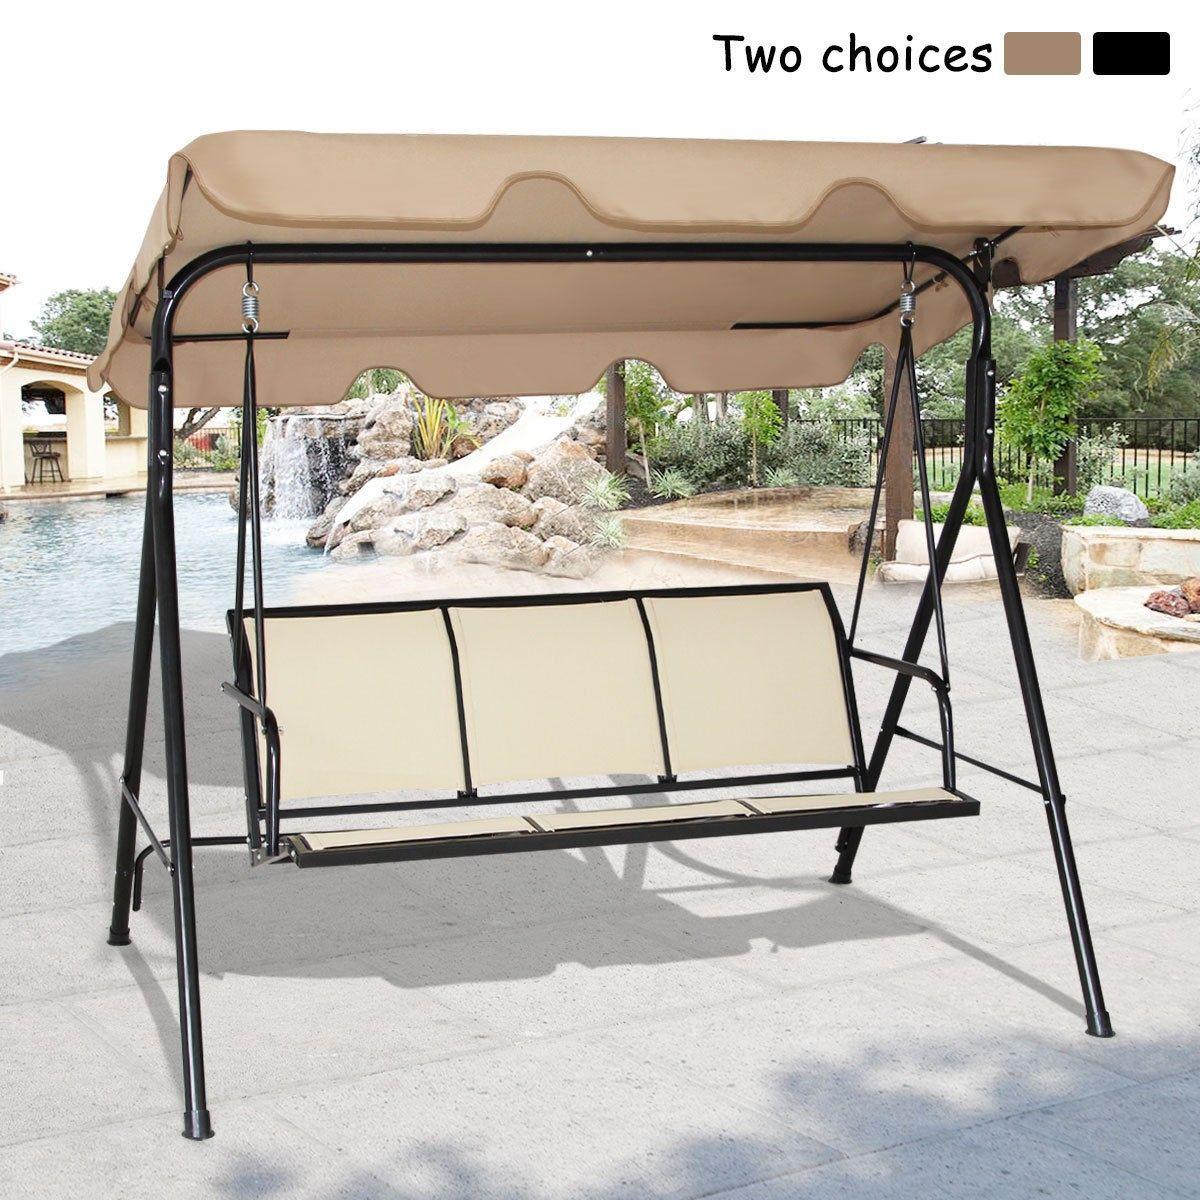 Costway outdoor canopy swing chair seater hammock garden patio